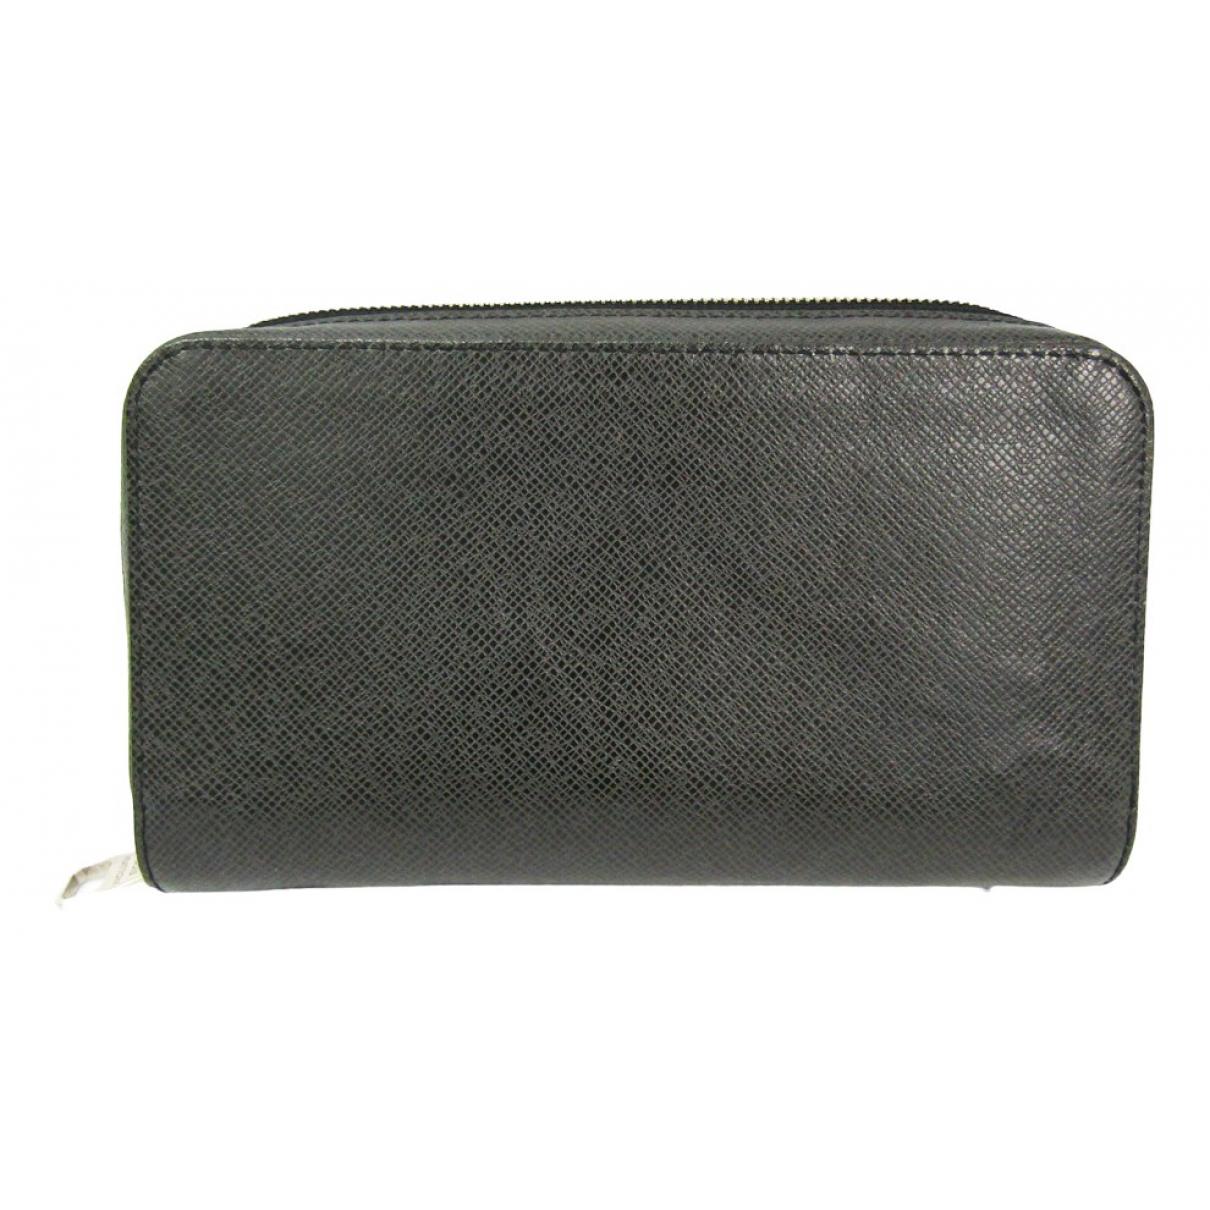 Louis Vuitton - Petite maroquinerie Zippy XL pour homme en cuir - anthracite